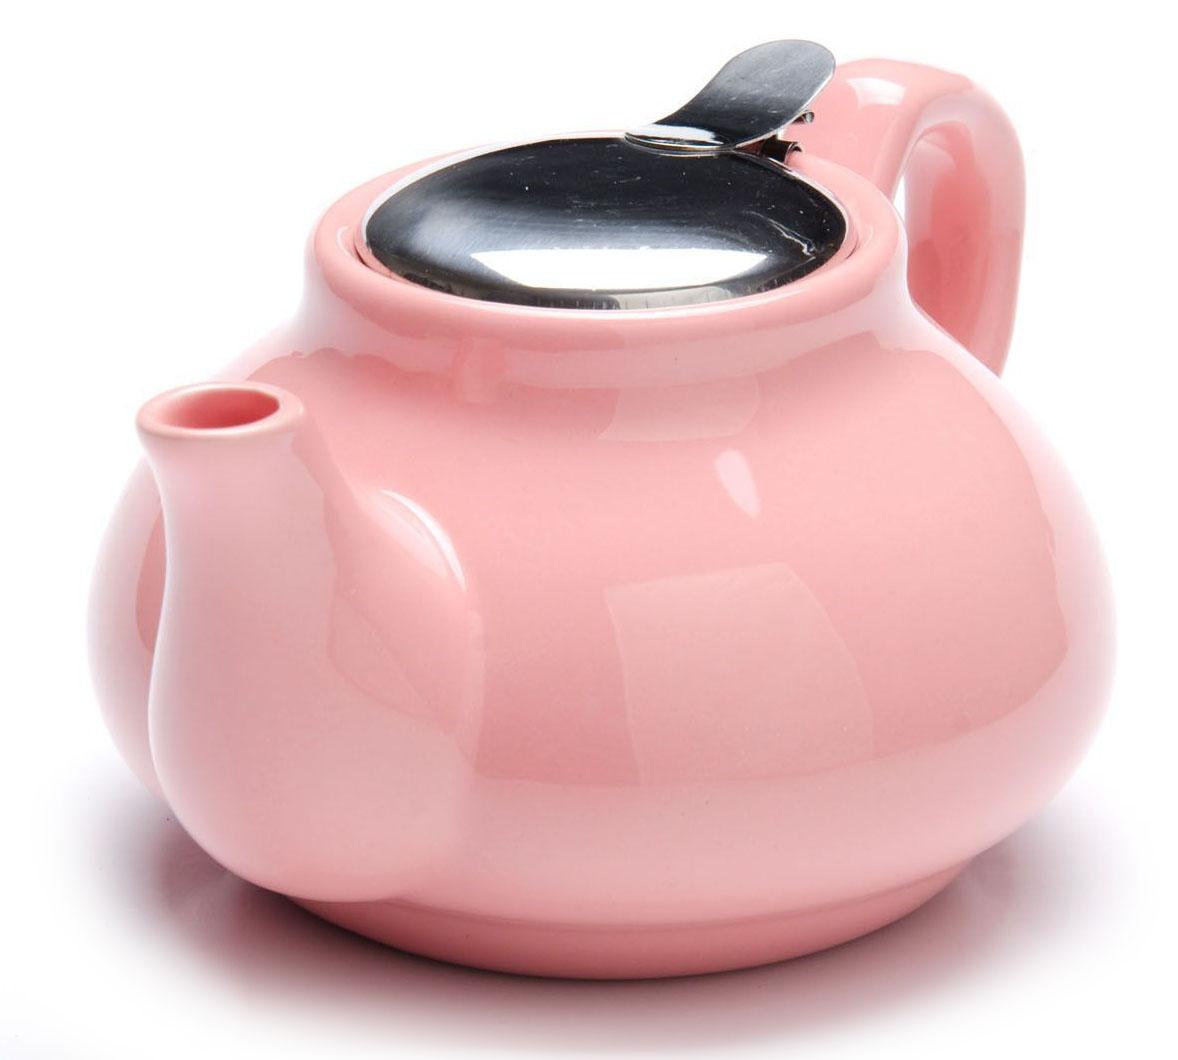 Заварочный чайник Loraine, цвет: розовый, 750 мл. 26594-326594-3Заварочный чайник Loraine выполнен из высококачественной цветной керамики. Фильтр из нержавеющей стали для заваривания раскроет букет чая и не позволит чаинкам попасть в чашку. Удобная металлическая крышка поддержит нужную температуру для заваривания чая.Керамический чайник прост и удобен в применении, чайник легко мыть. Не ставьте чайник на открытый огонь и нагревающиеся поверхности.Подходит для мытья в посудомоечной машине.